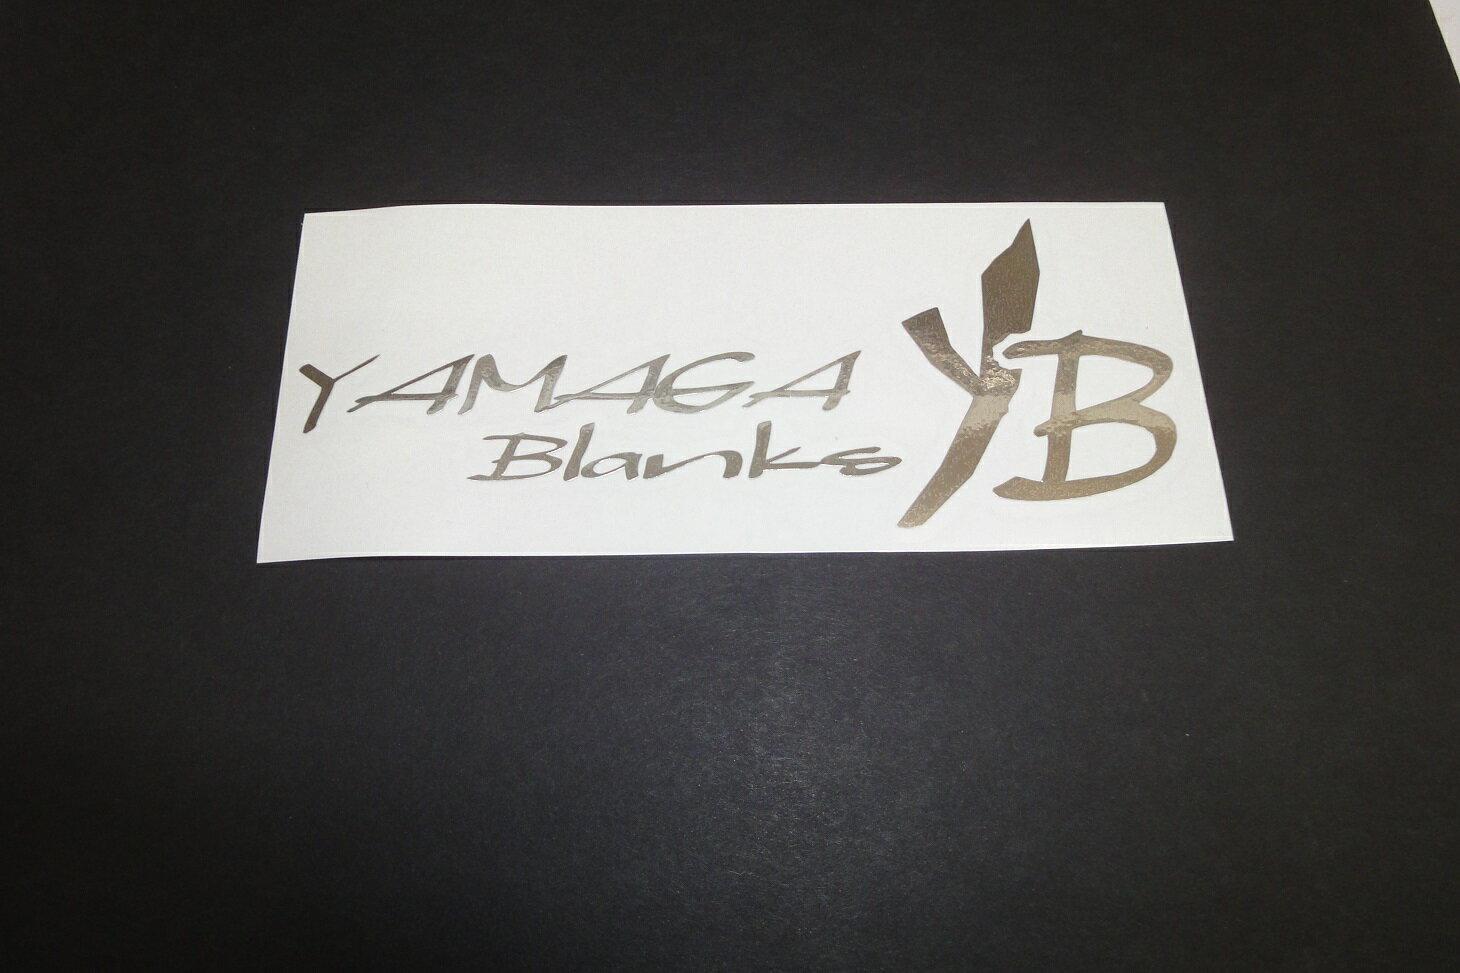 当店でヤマガのロッドを購入のお客様に ヤマガブランクス ステッカー(小)1枚 プレゼント ミラーシルバー